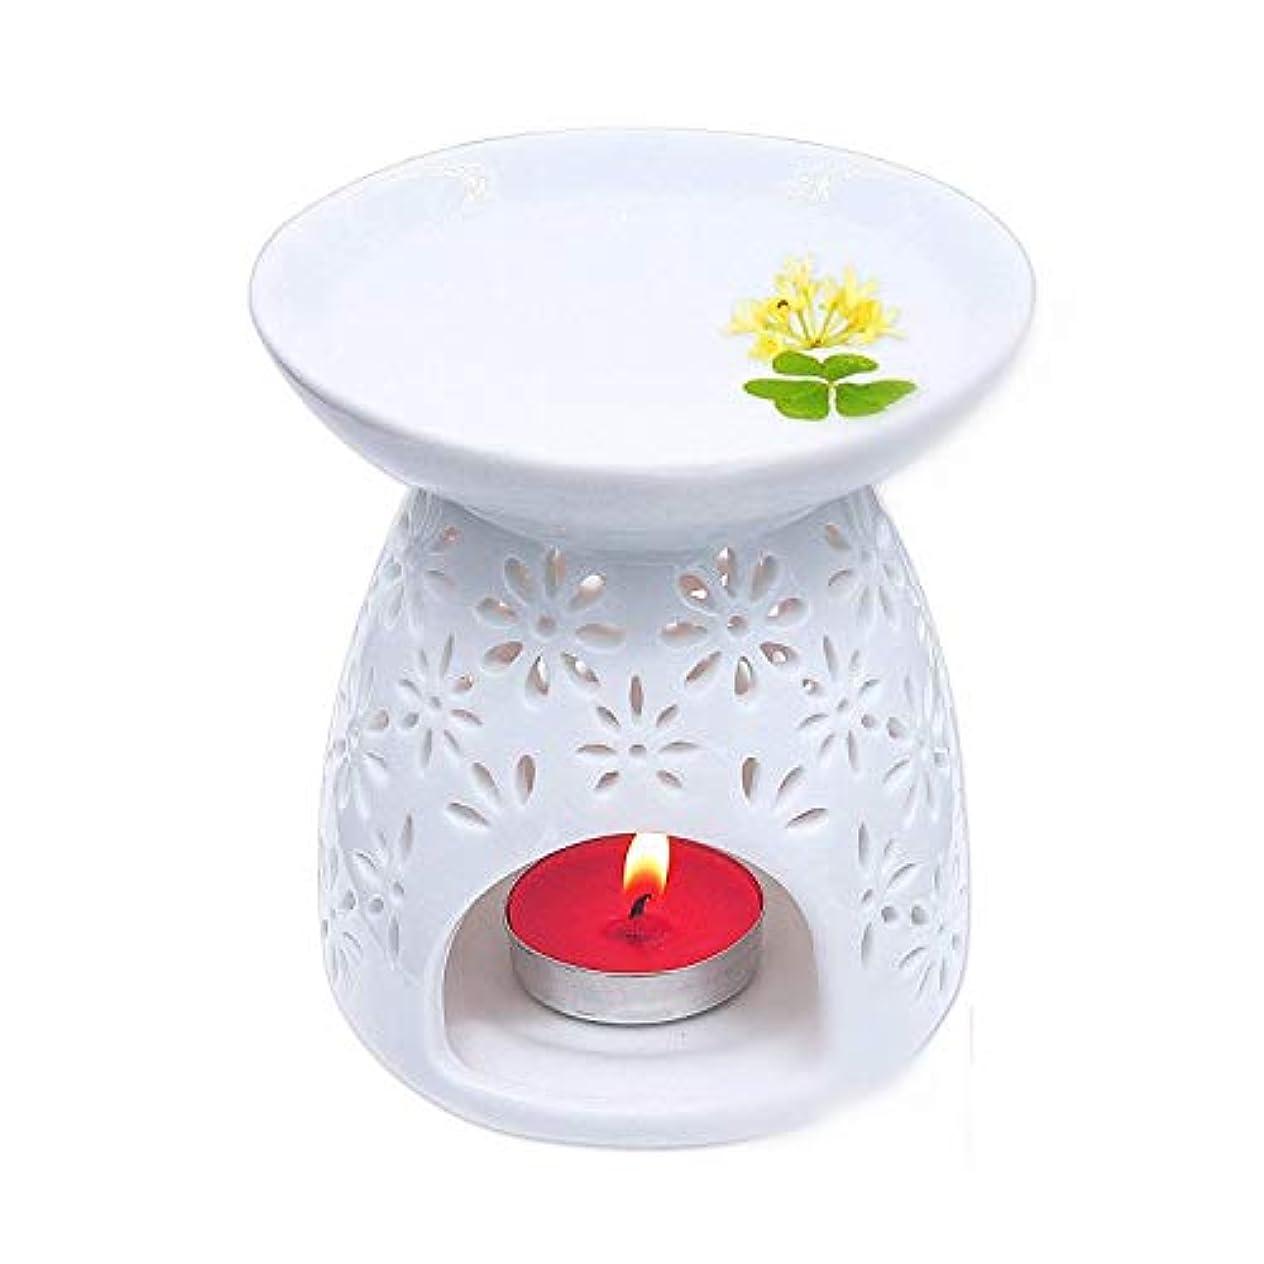 劇場用心するブレースPursue 茶香炉 アロマ炉 香炉 陶器 精油 香炉置物 薫香 インテリア アロマディフューザー 中空の彫刻工 消臭と癒し おしゃれ